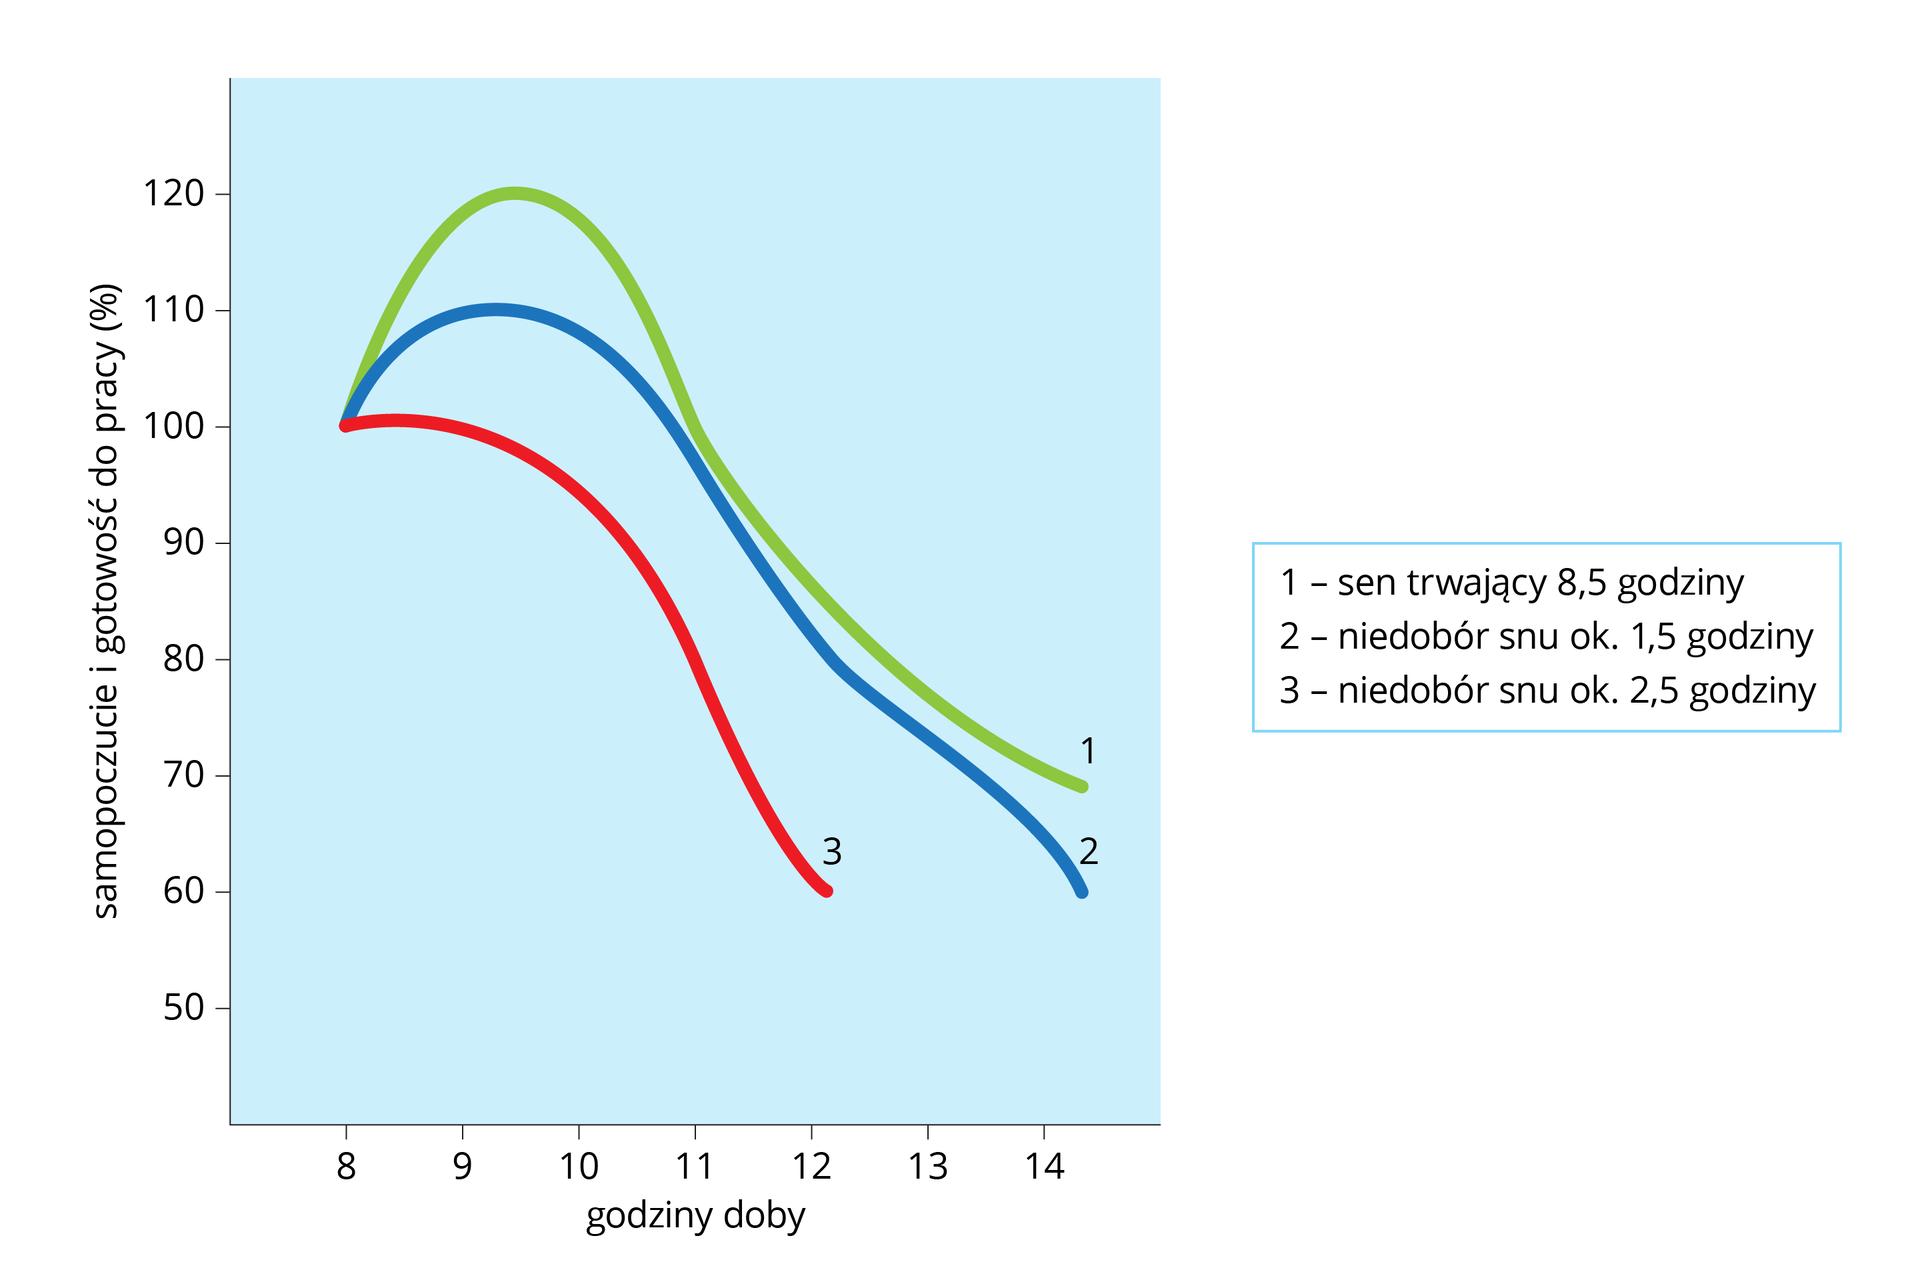 Wykres na osi Xma godziny doby, na osi Ysamopoczucie igotowość do pracy (w procentach). Zielona linia oznacza sen, trwający osiem ipół godziny. Niebieska linia oznacza niedobór snu około półtorej godziny. Czerwona linia oznacza niedobór snu dwie ipół godziny.